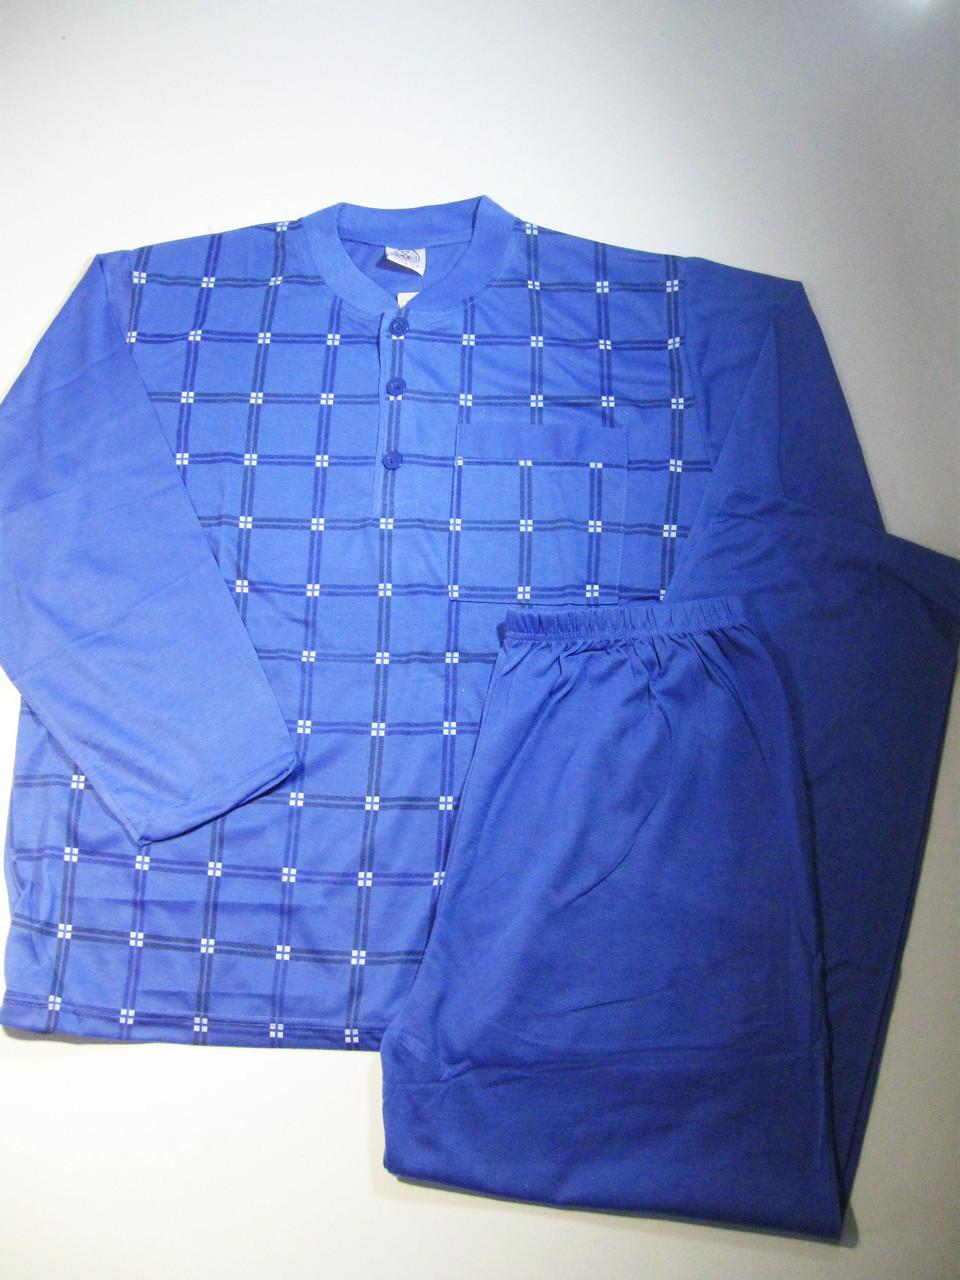 Пижама мужская, трикотажная, размеры М-3XL, арт. 416,415,413